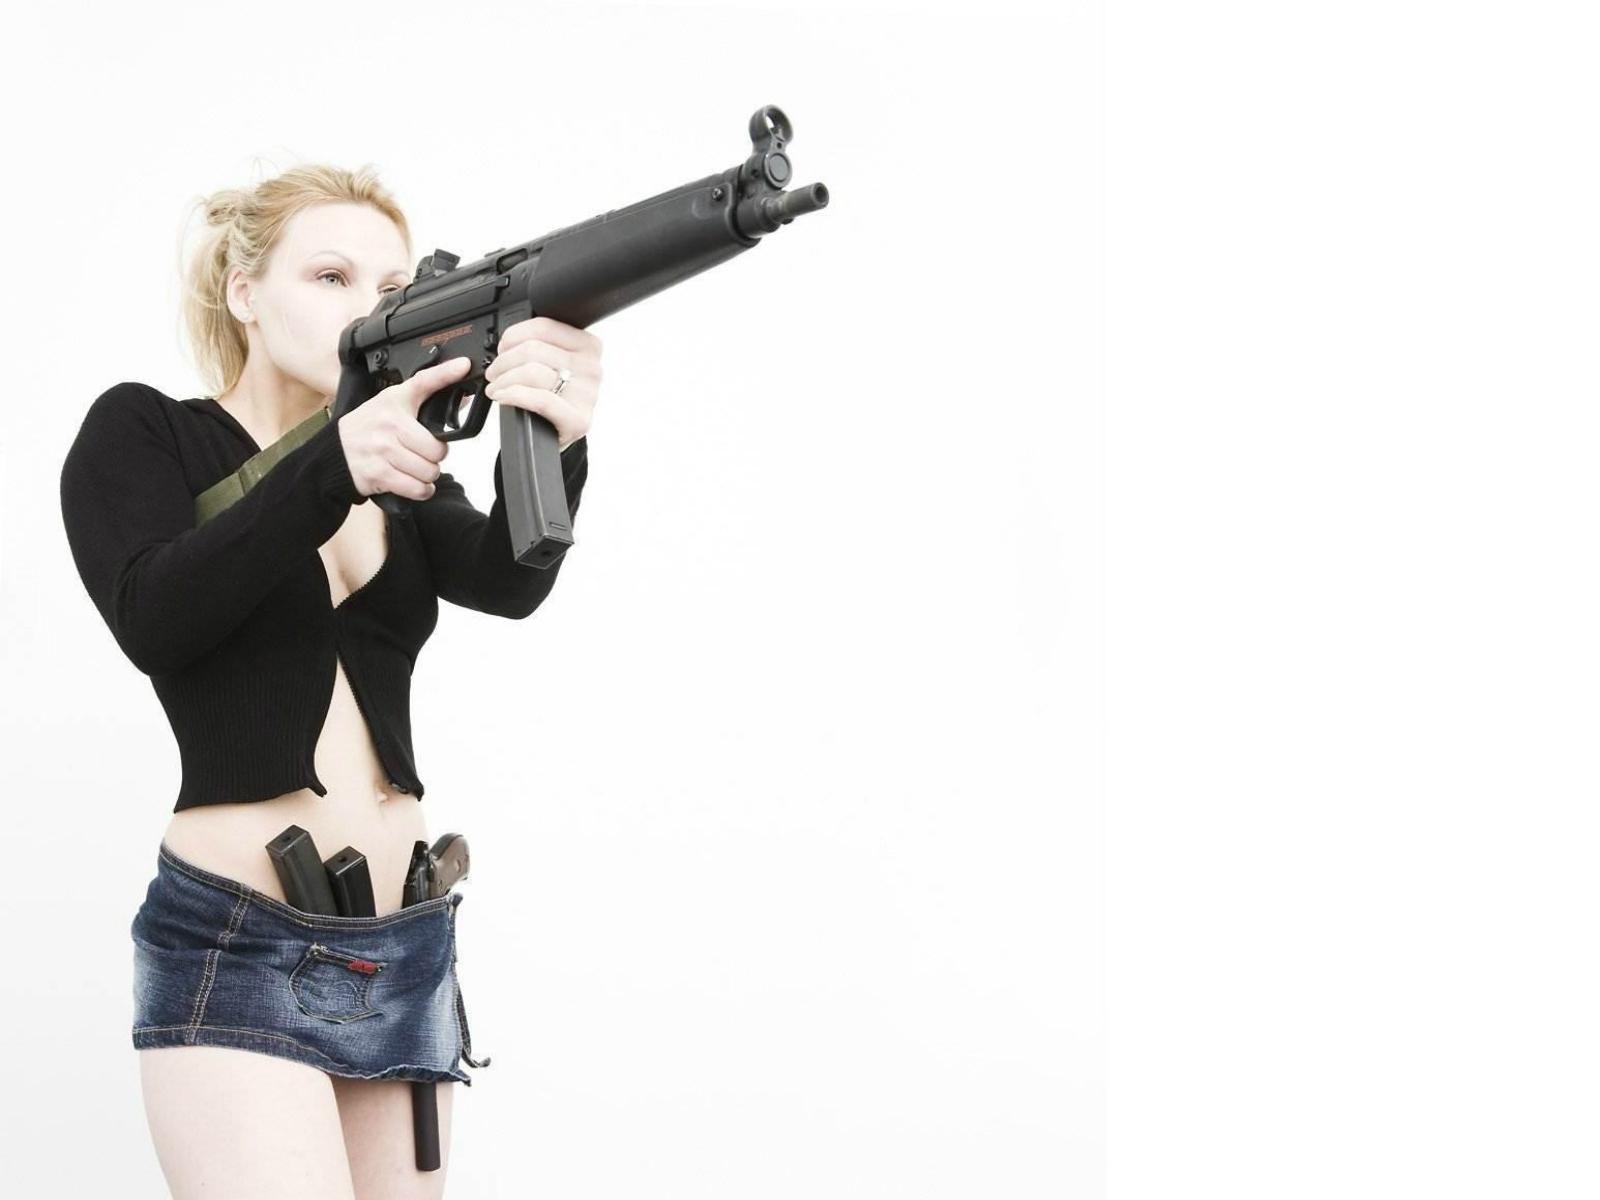 http://3.bp.blogspot.com/-5tJqxTUe0tg/TmtHQGJOUJI/AAAAAAAAC6U/3x8dCdNU9EU/s1600/mp5_blondes_girls_with_gun_www.Vvallpaper.net.jpg